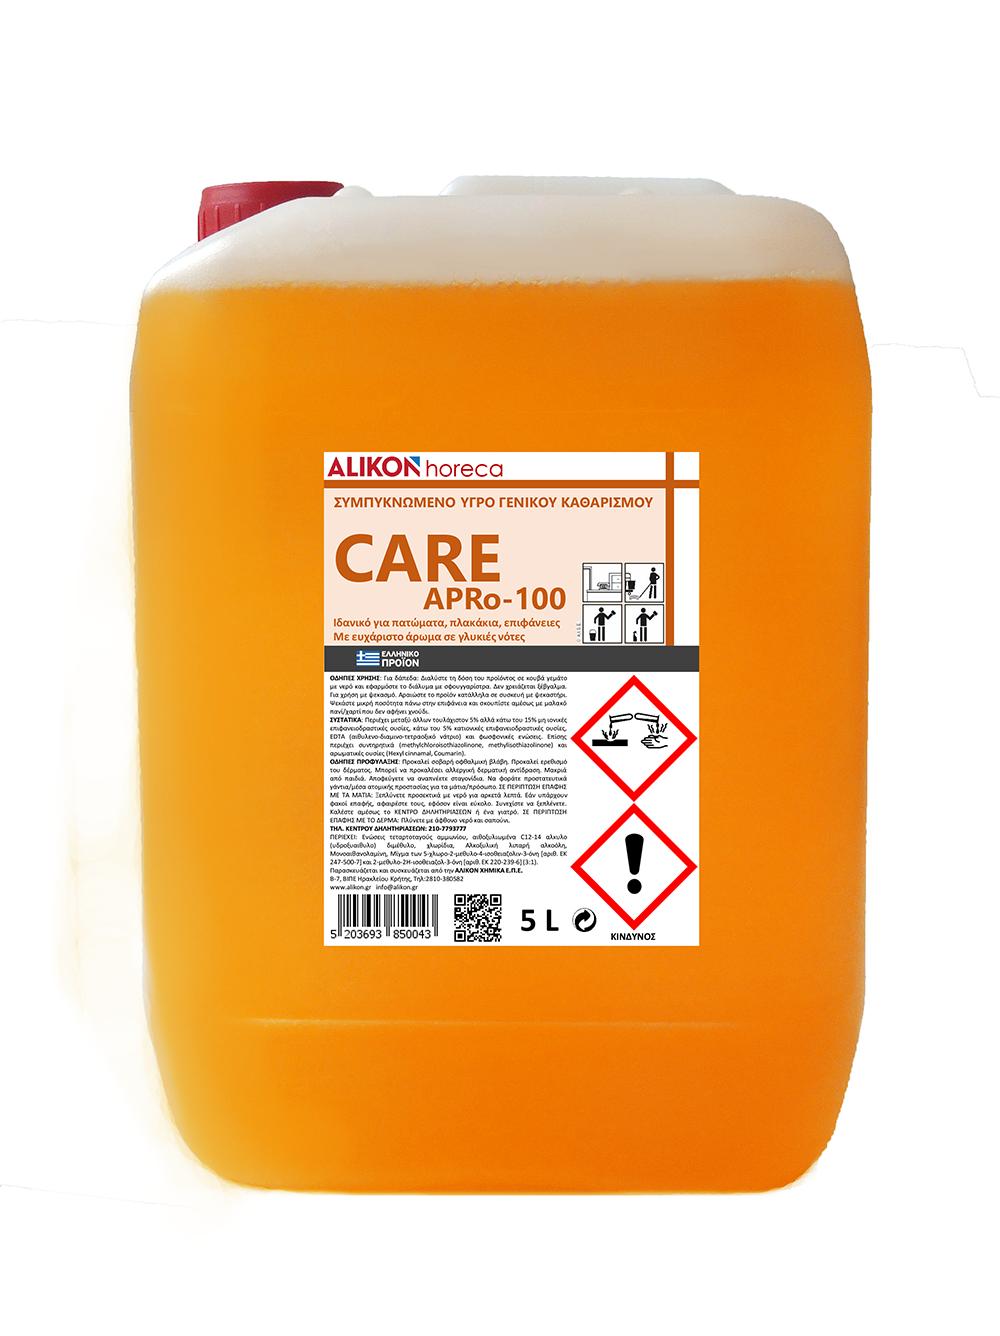 ΓΕΝΙΚΟΥ ΚΑΘΑΡΙΣΜΟΥ APRo-100 με άρωμα 5 L